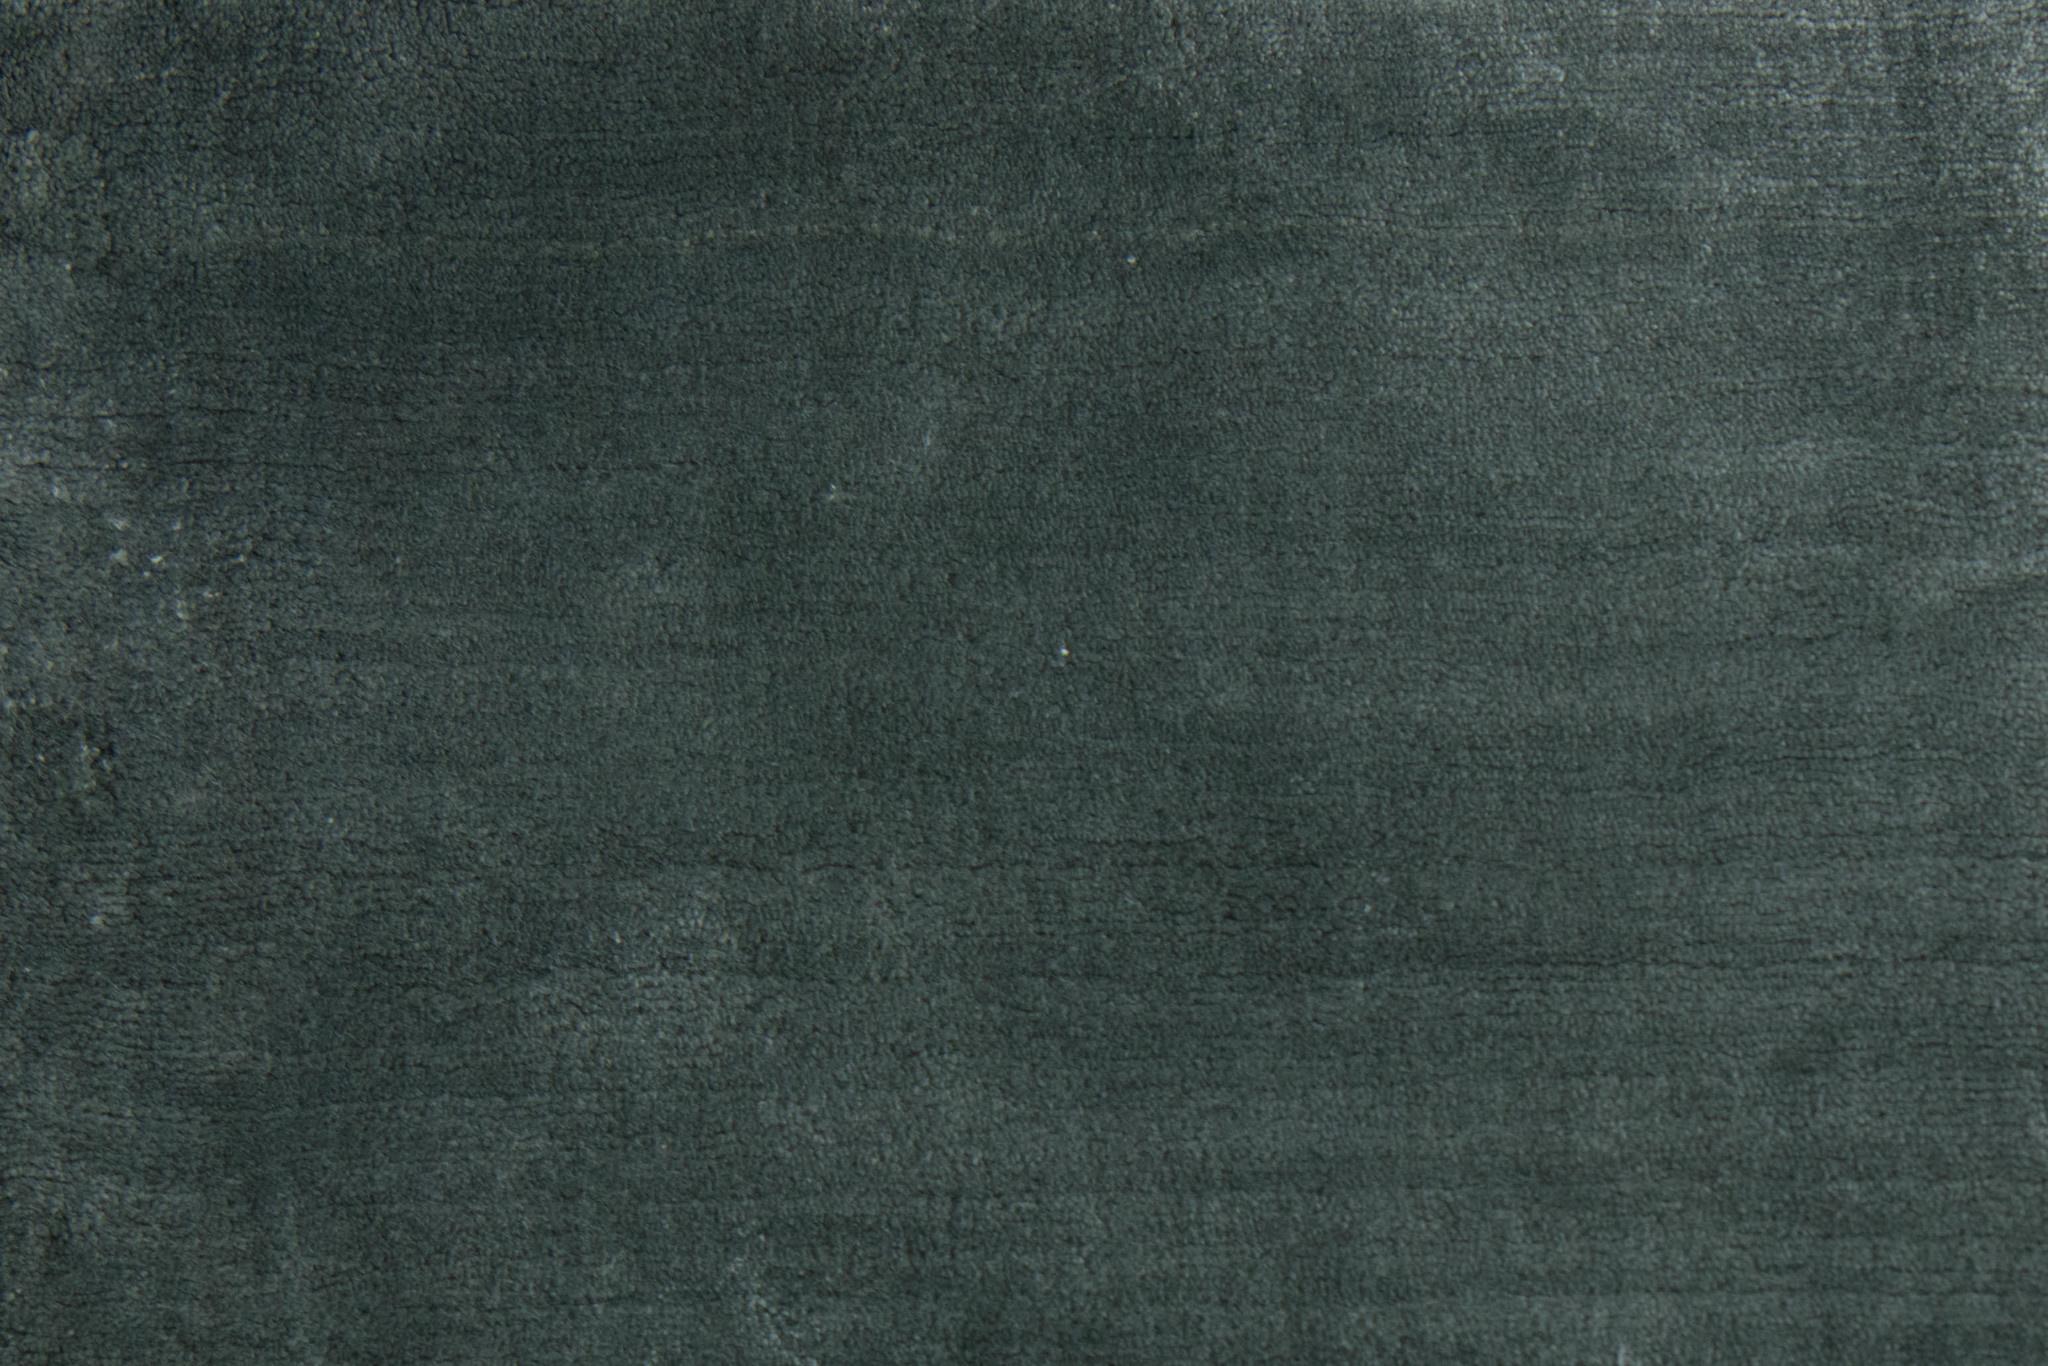 PARMA Carpet Deep Forest 200x300-1